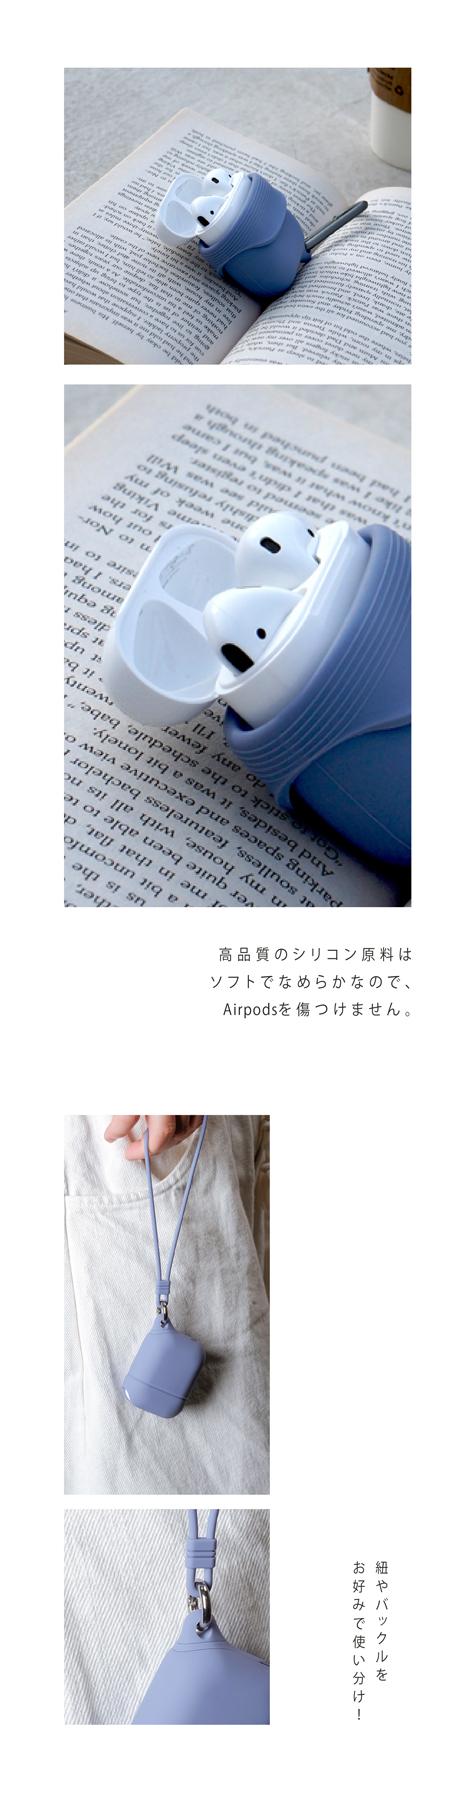 AirPods用カラフル保護ケース-ラベンダーグレイ(キーチェーンとシリコン紐付き)